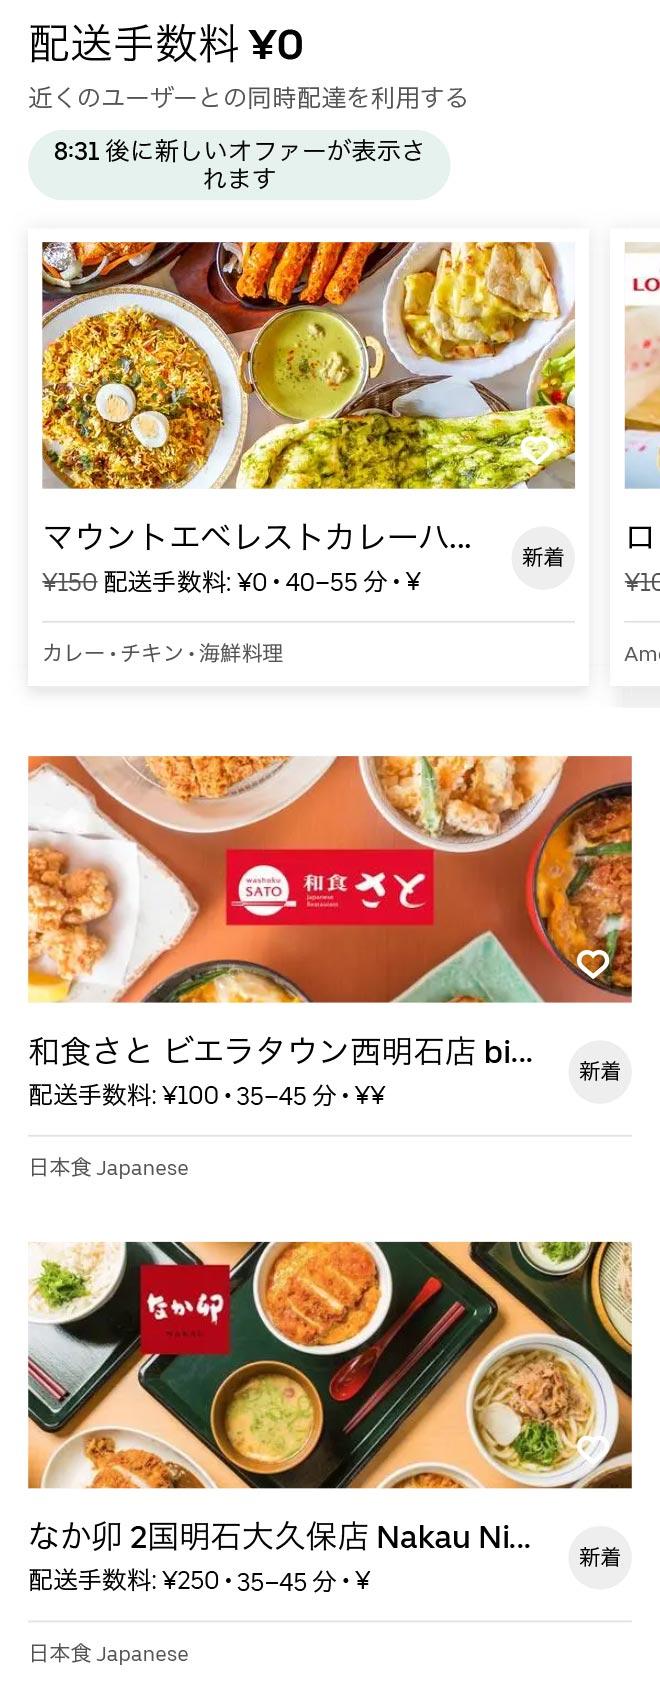 Nishi akashi menu 2010 01